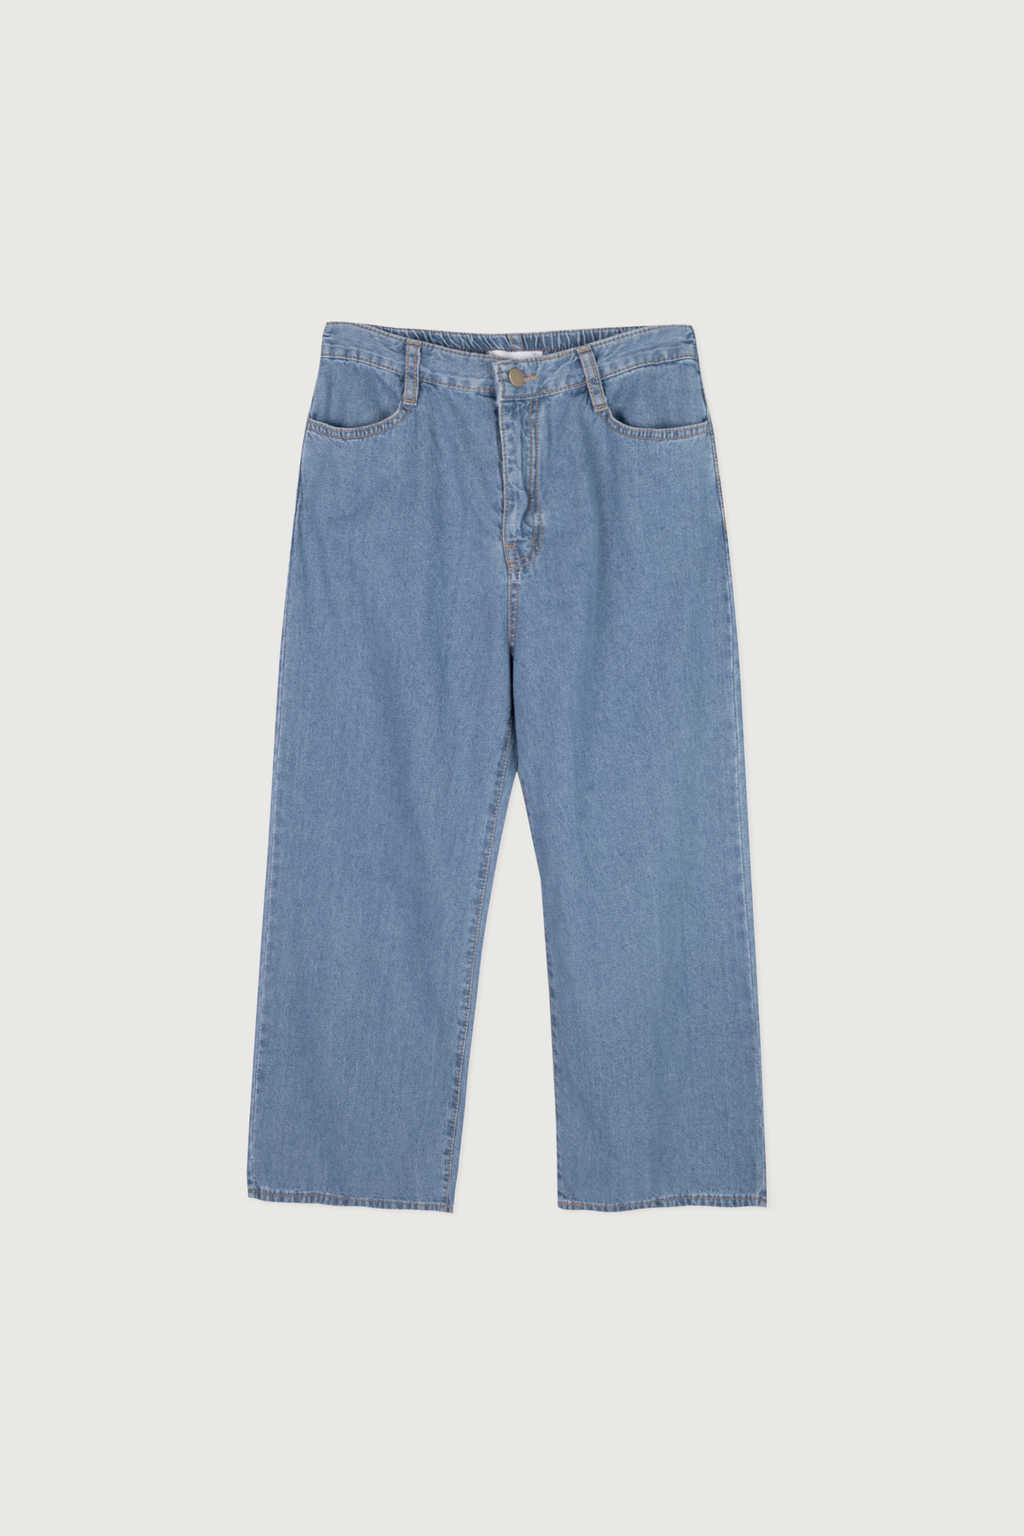 Jean K023 Blue 5